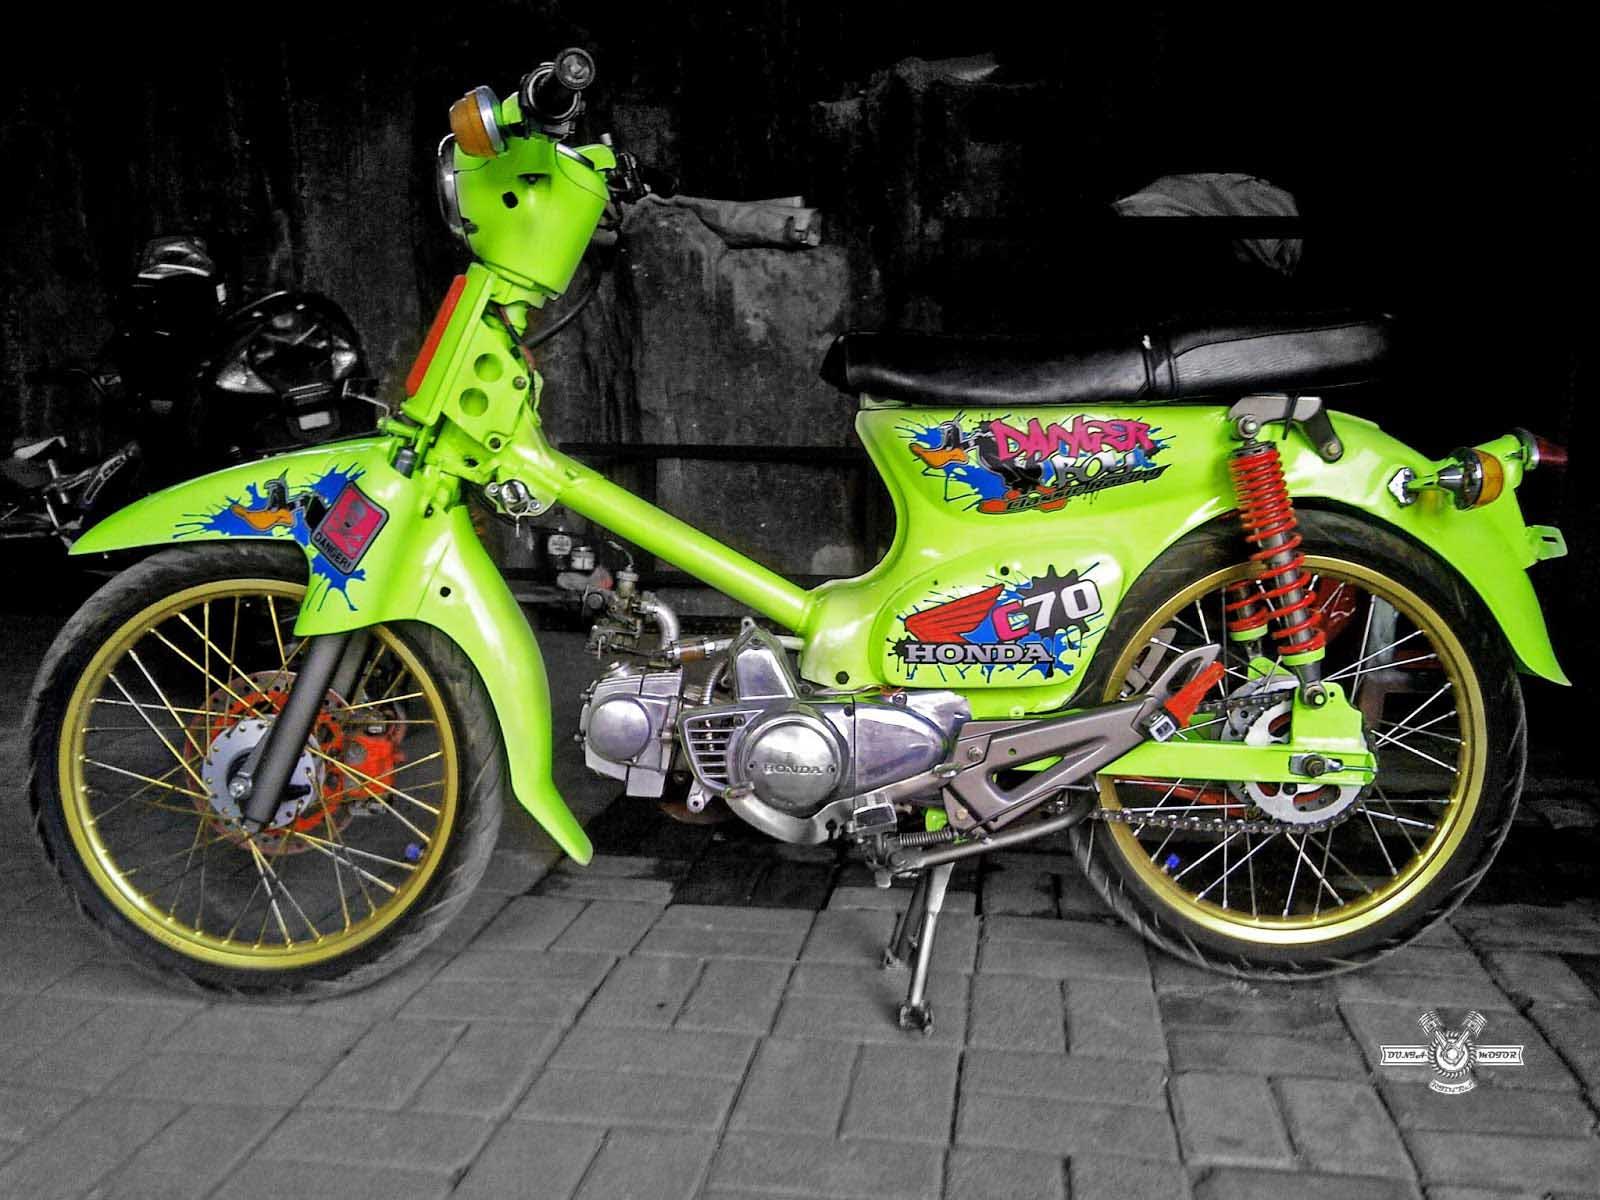 Koleksi Foto Honda C70 Racing Modifikasi Keren Duniamotornet